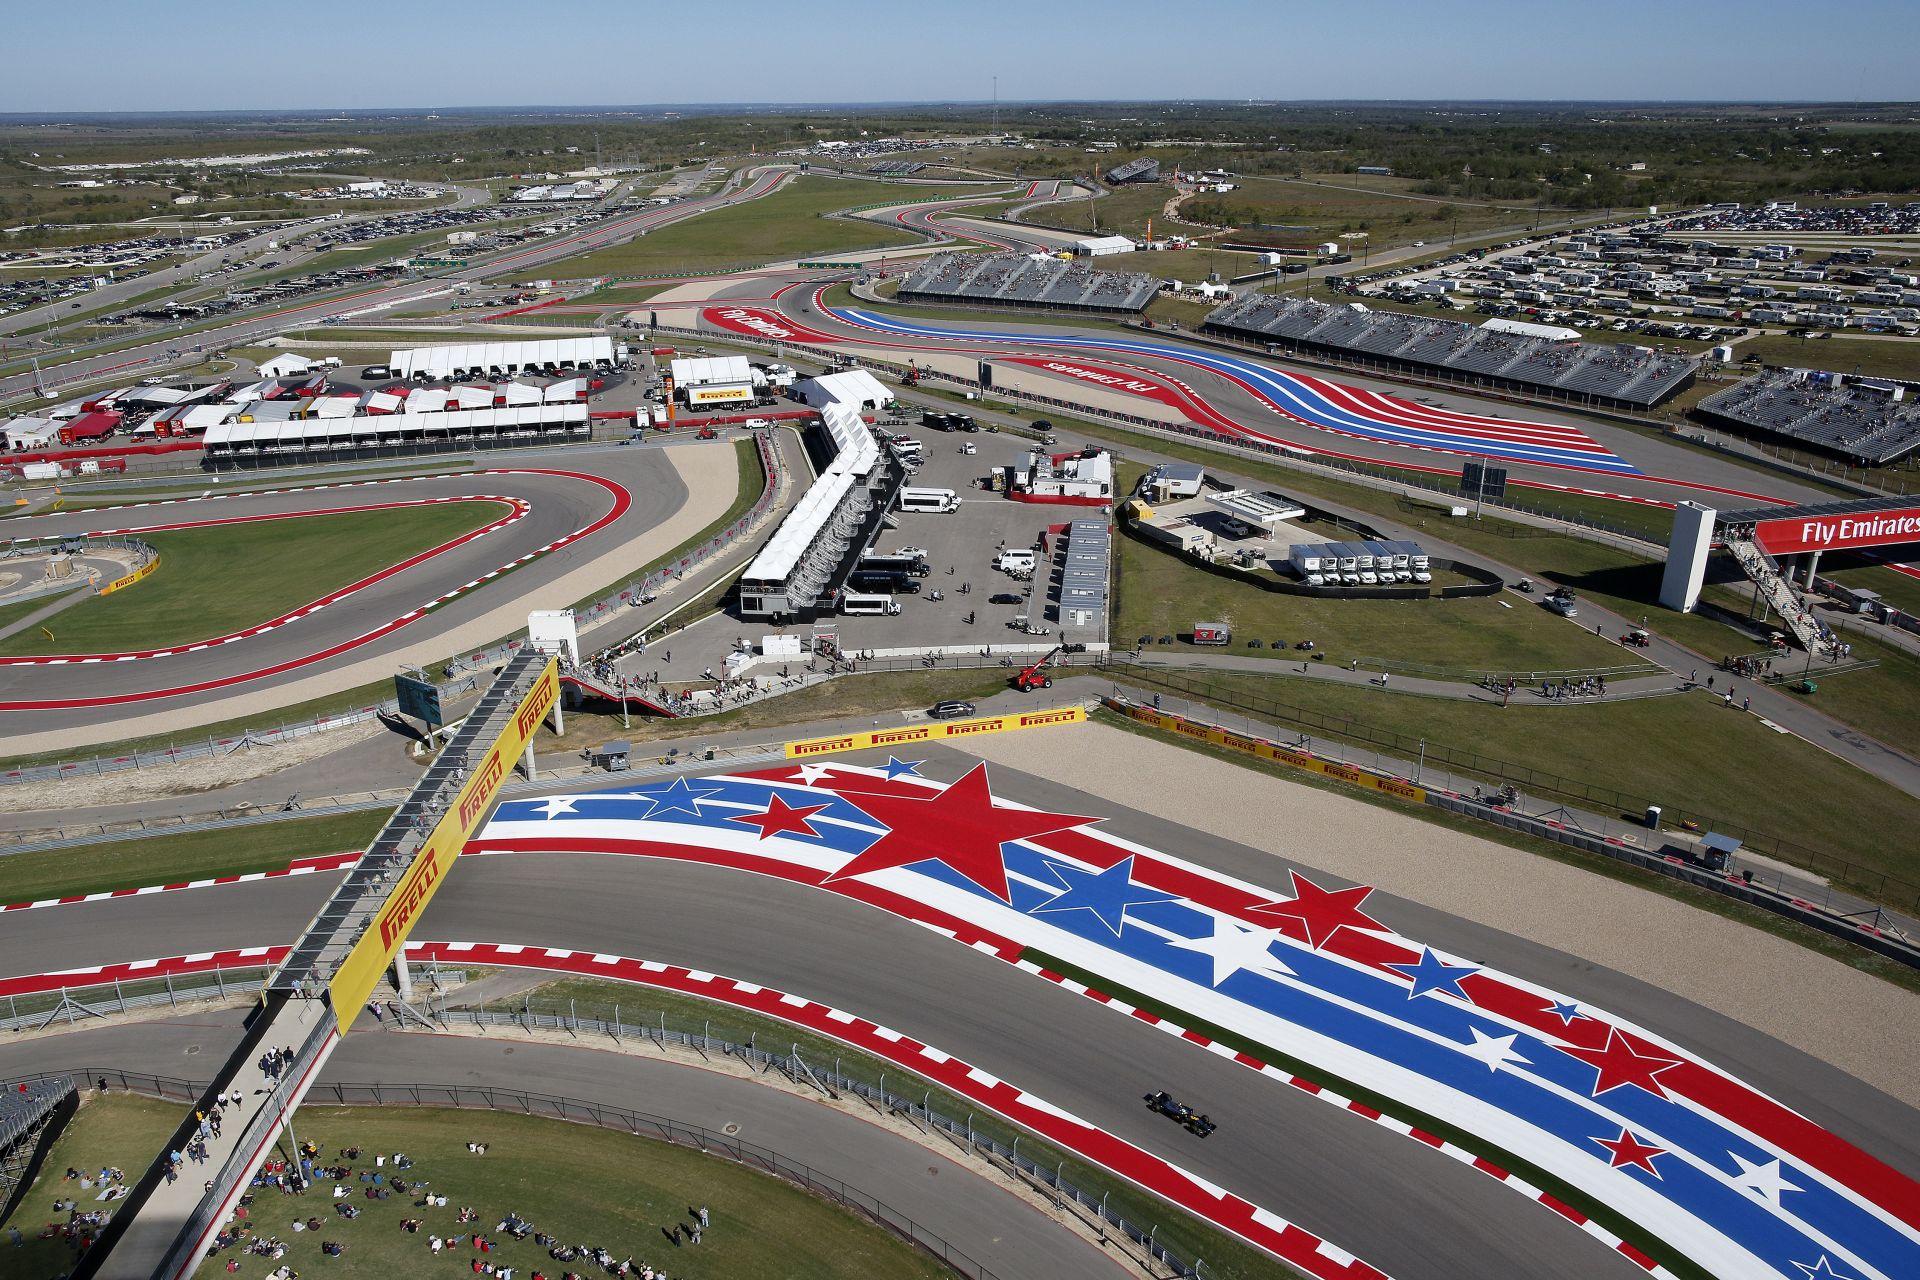 Helikopter nézetből a nagyon király F1-es amerikai versenypálya